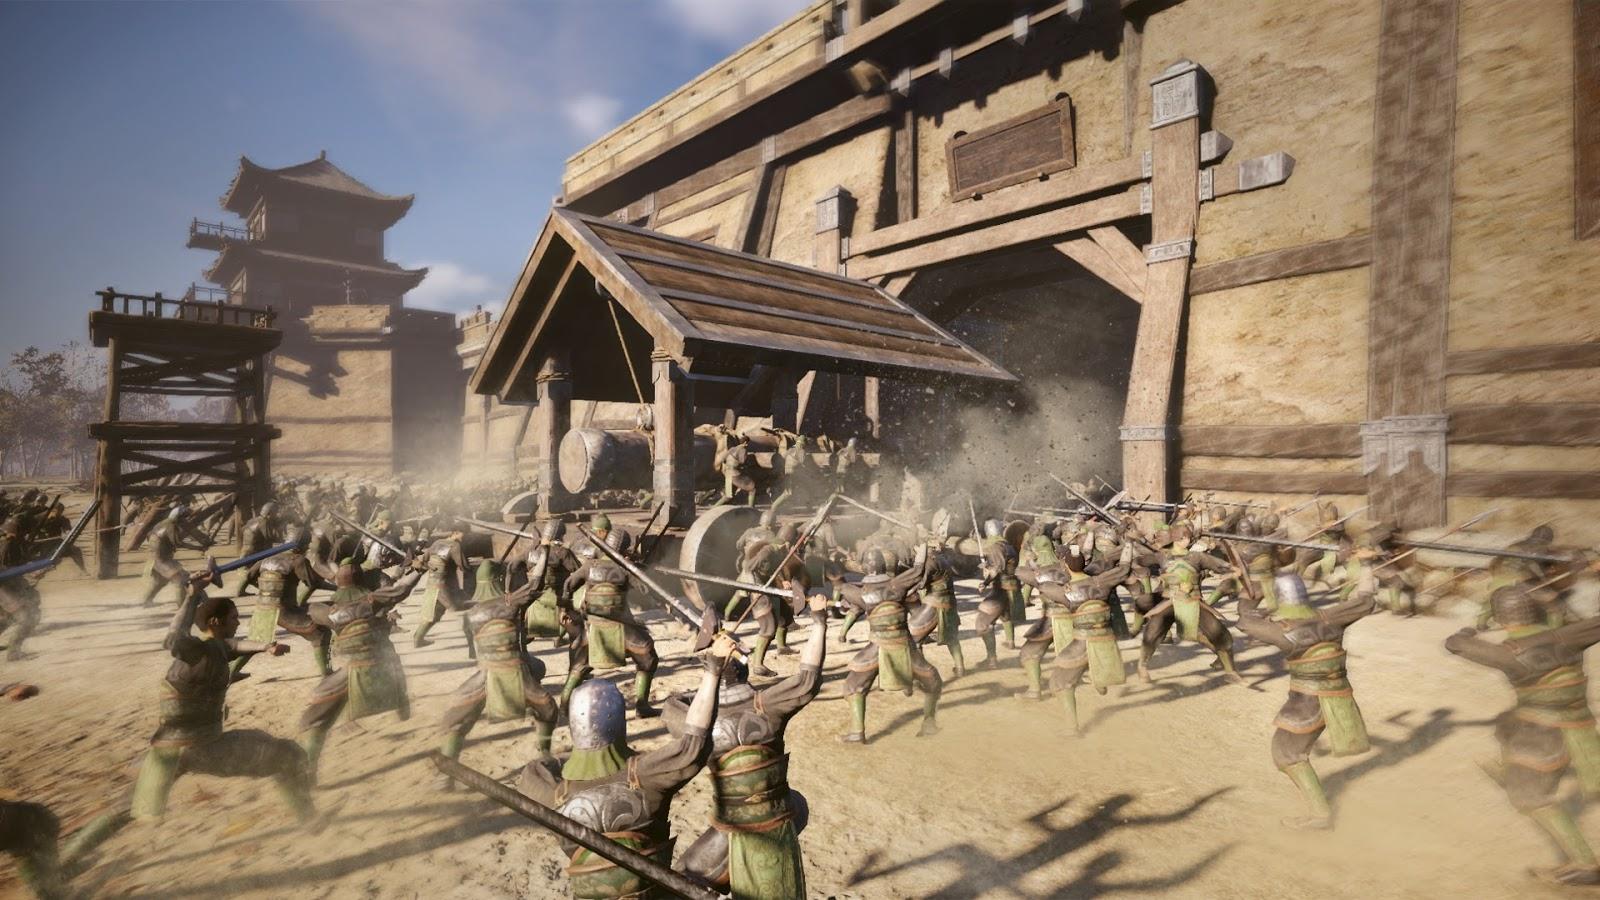 Dinasty Warriors 9 confirma plataformas y desvela personajes novedosos 7